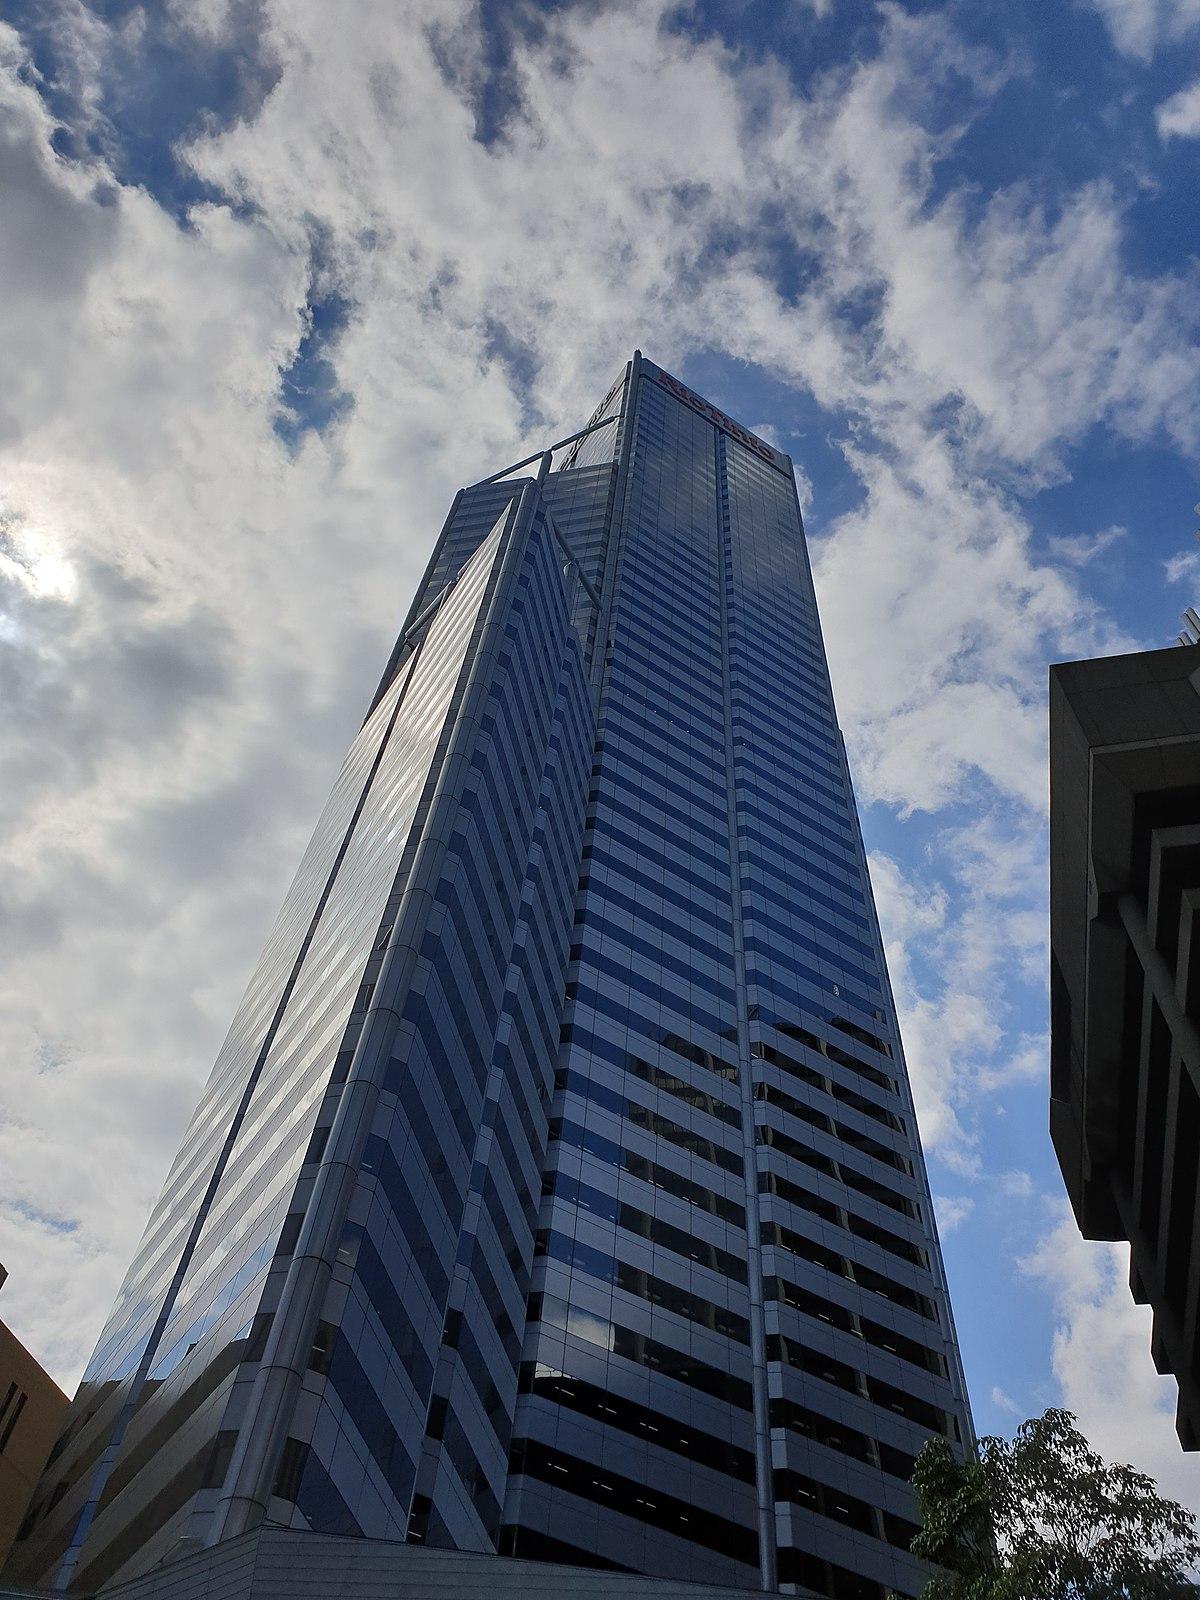 Image result for skyscraper